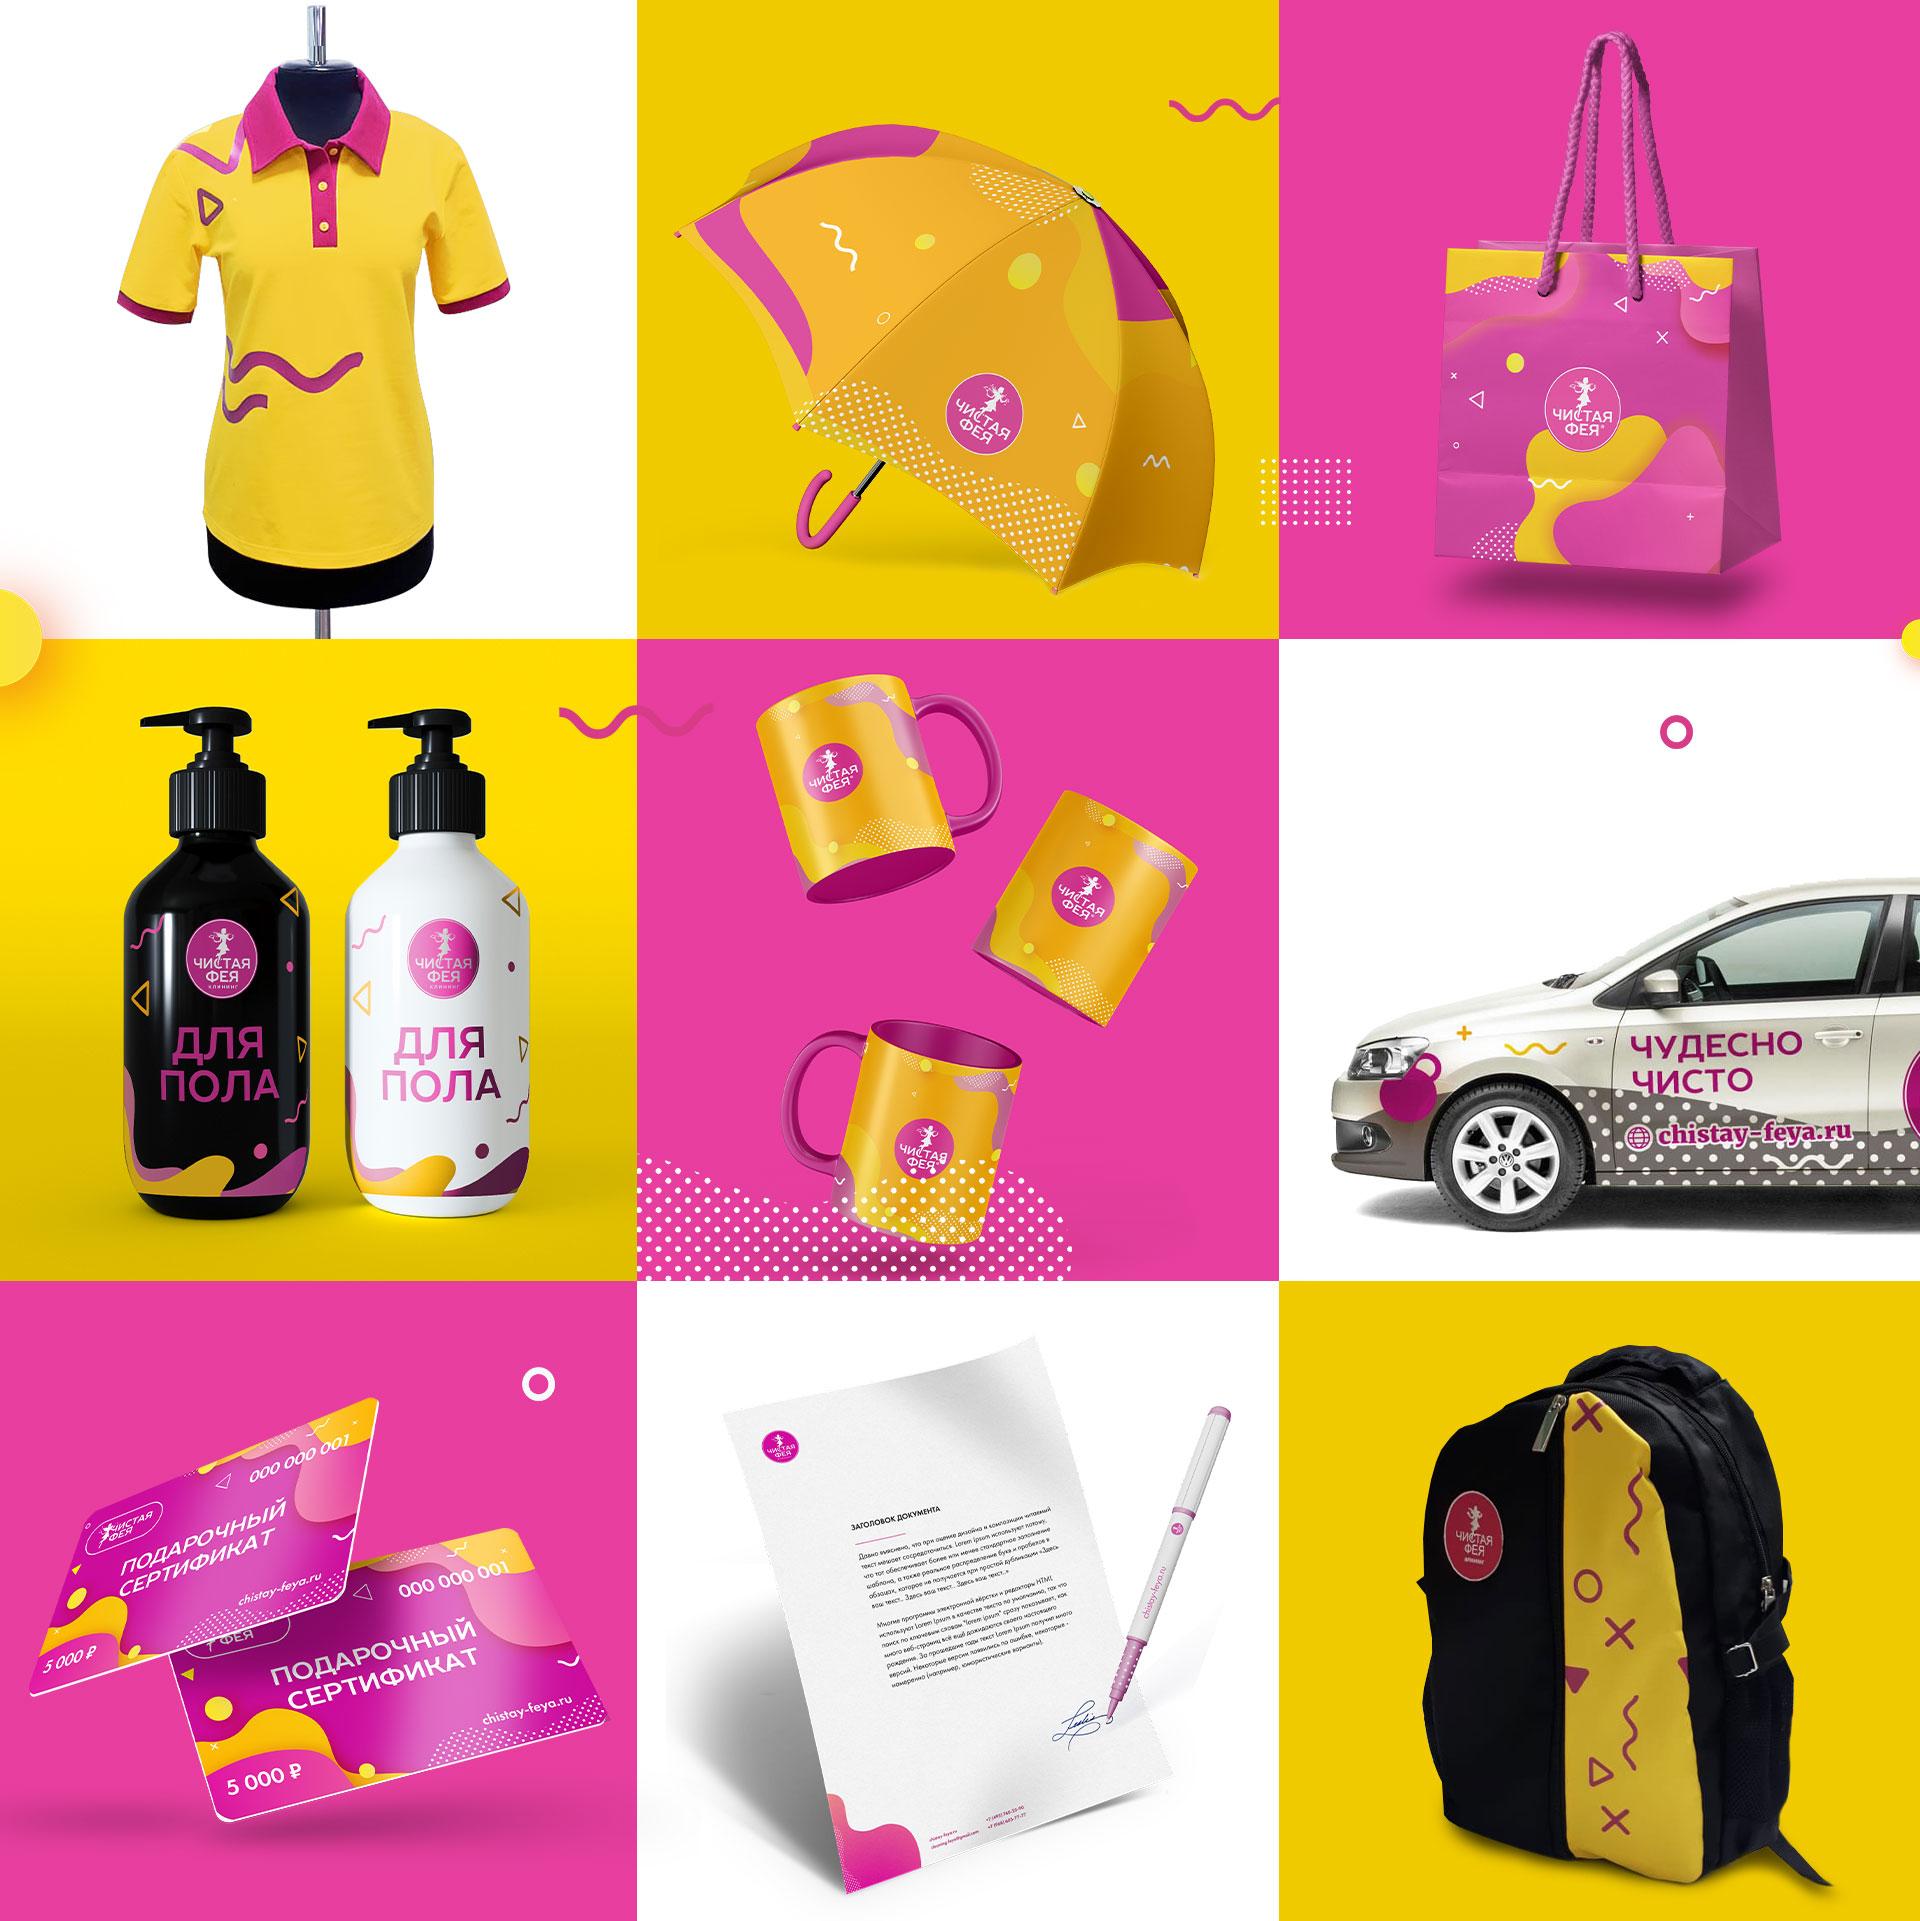 Платформа бренда клининговой компании - дизайн полиграфии